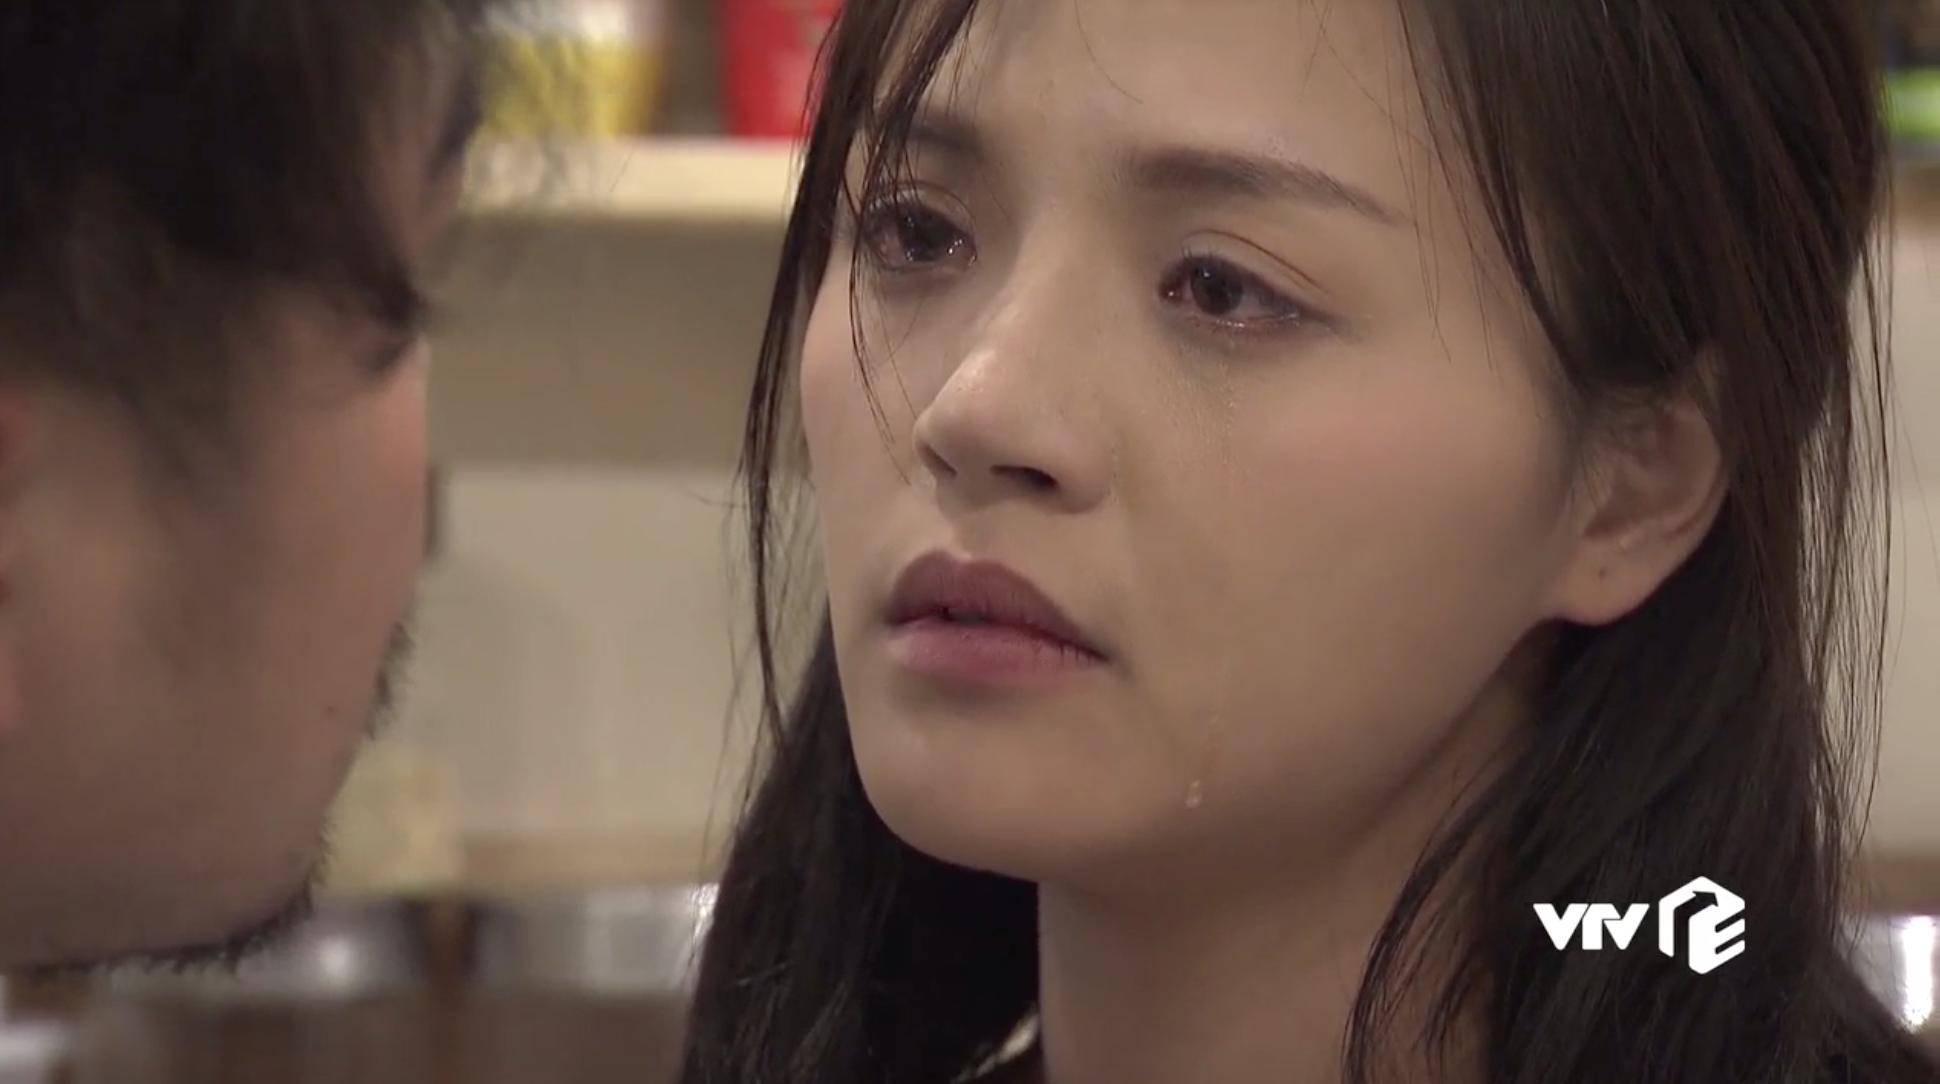 'Về nhà đi con' tập 31: Đang ở bên tình cũ, Huệ bị chồng cảnh cáo đừng để... chửa hoang giống Thư - Ảnh 5